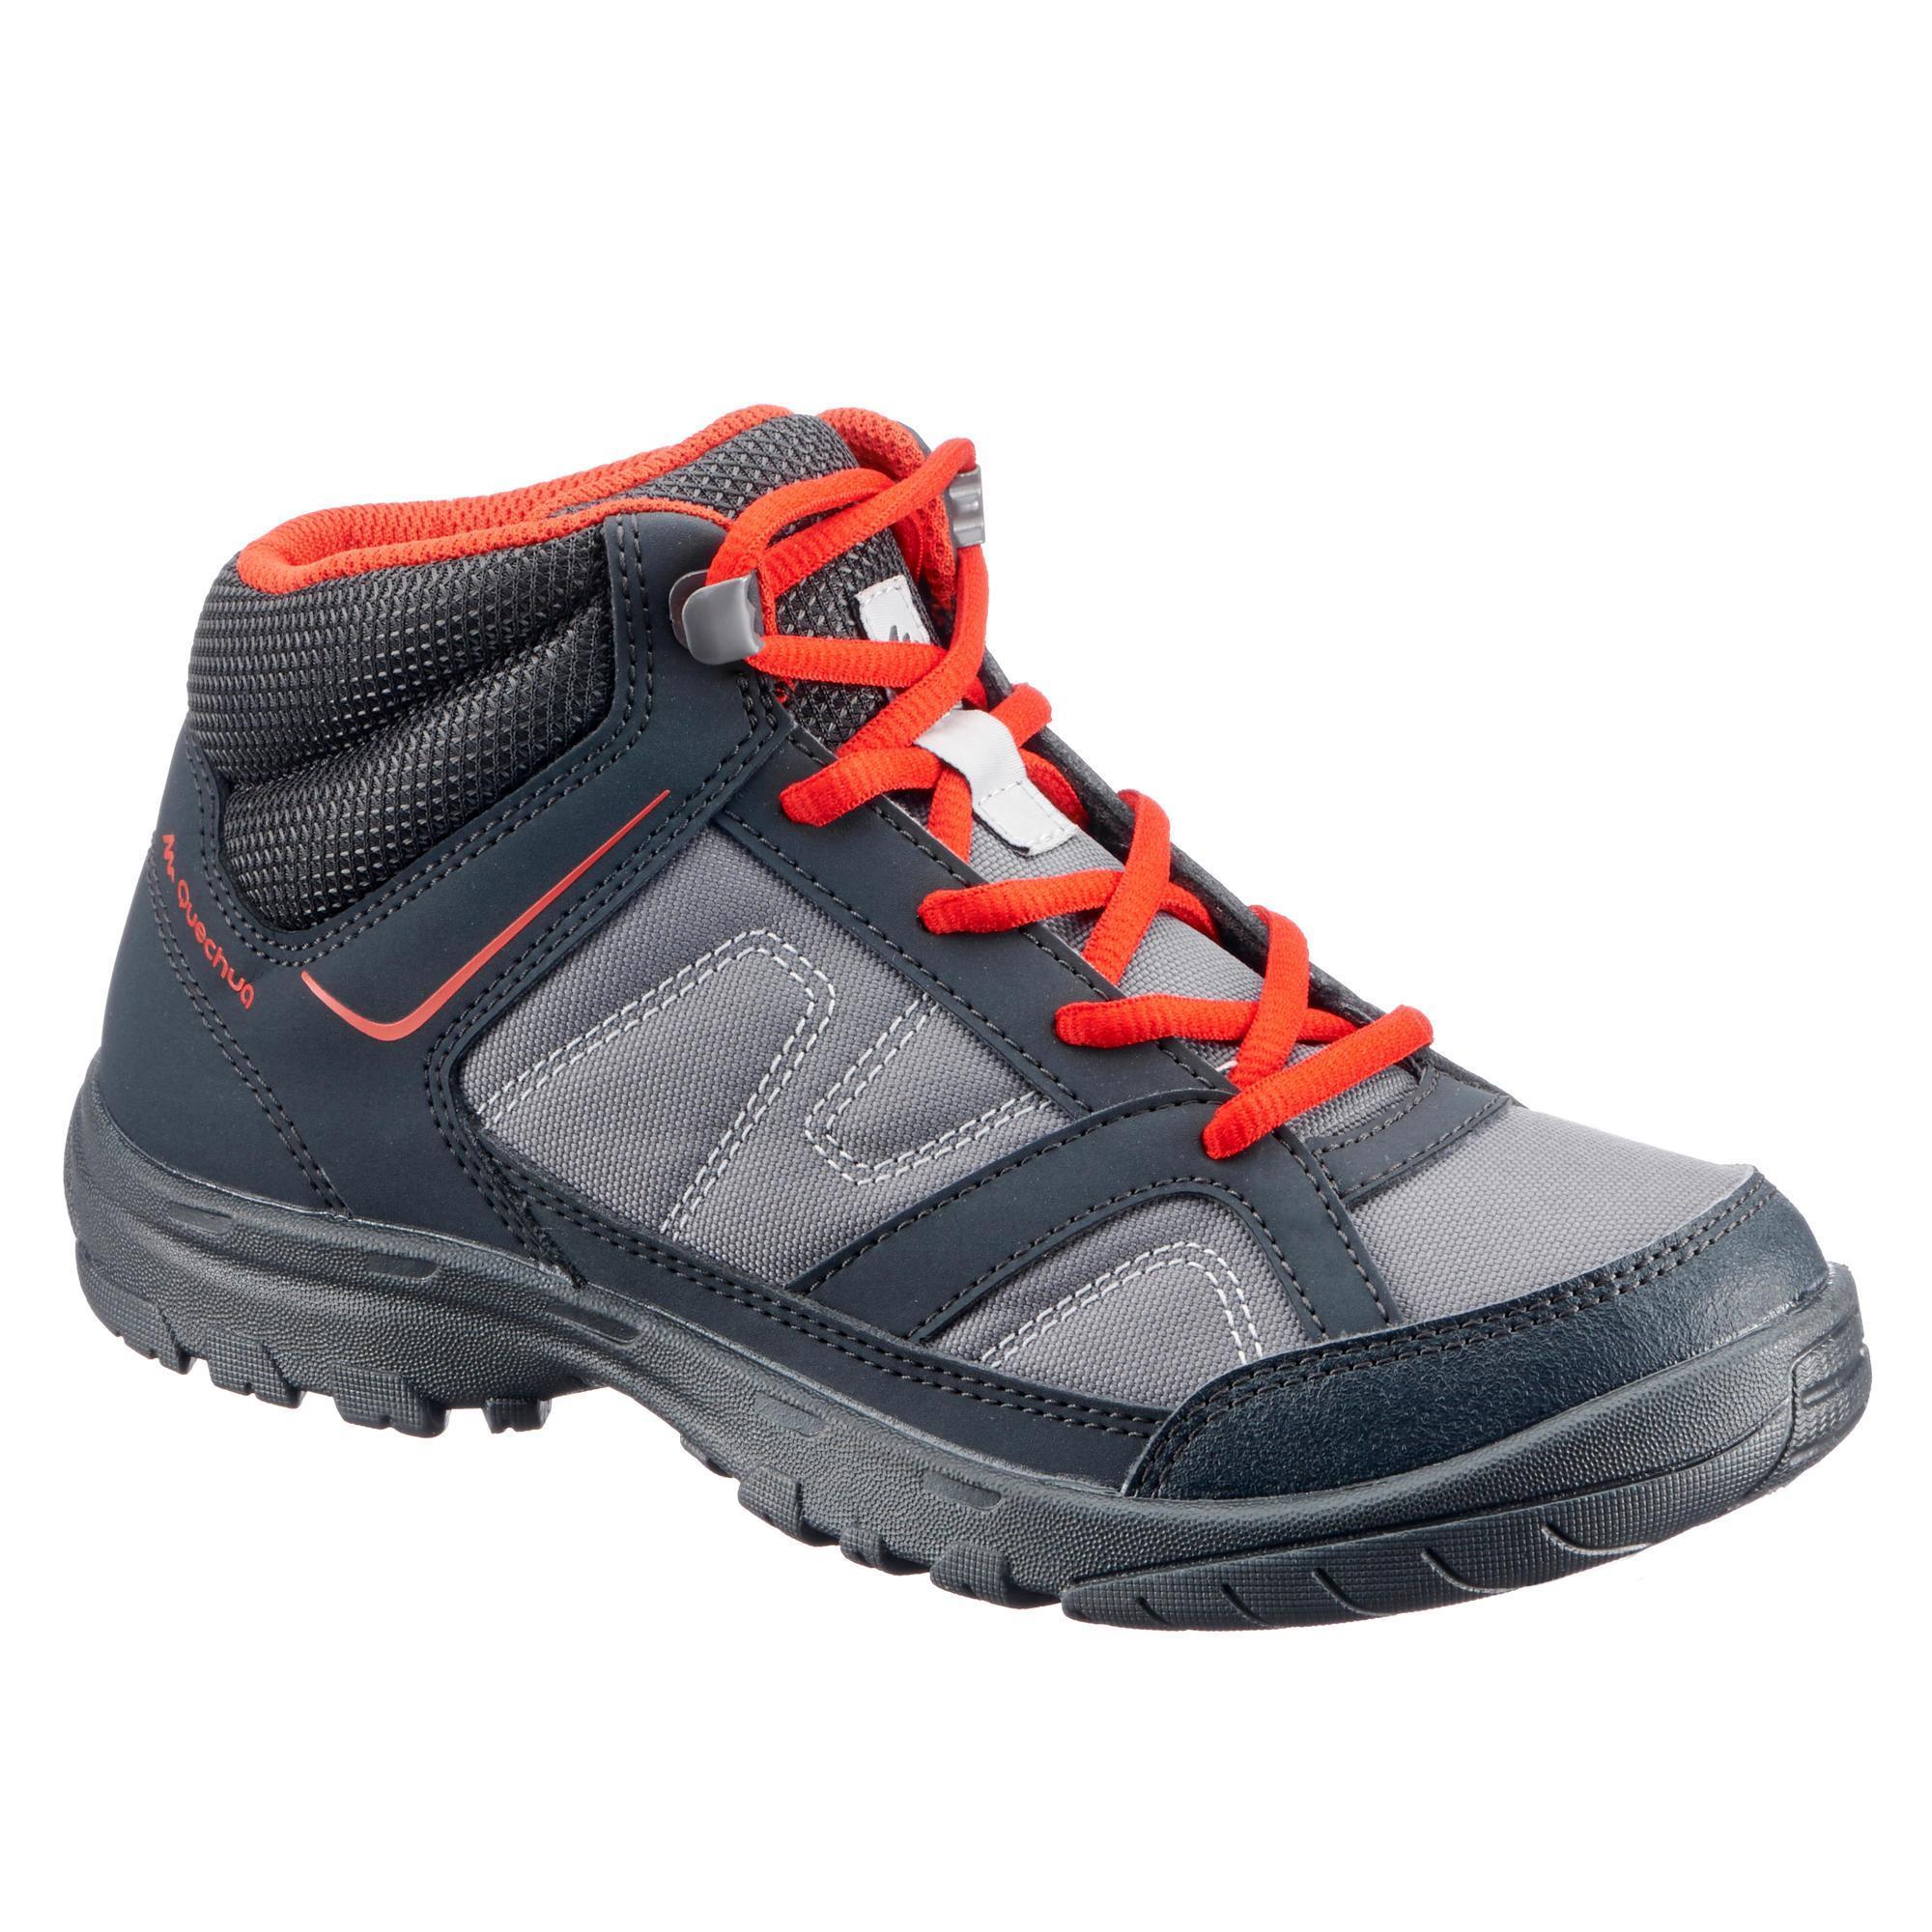 Quechua Hoge wandelschoenen voor kinderen MH100 mid zwart/rood 35 tot 38